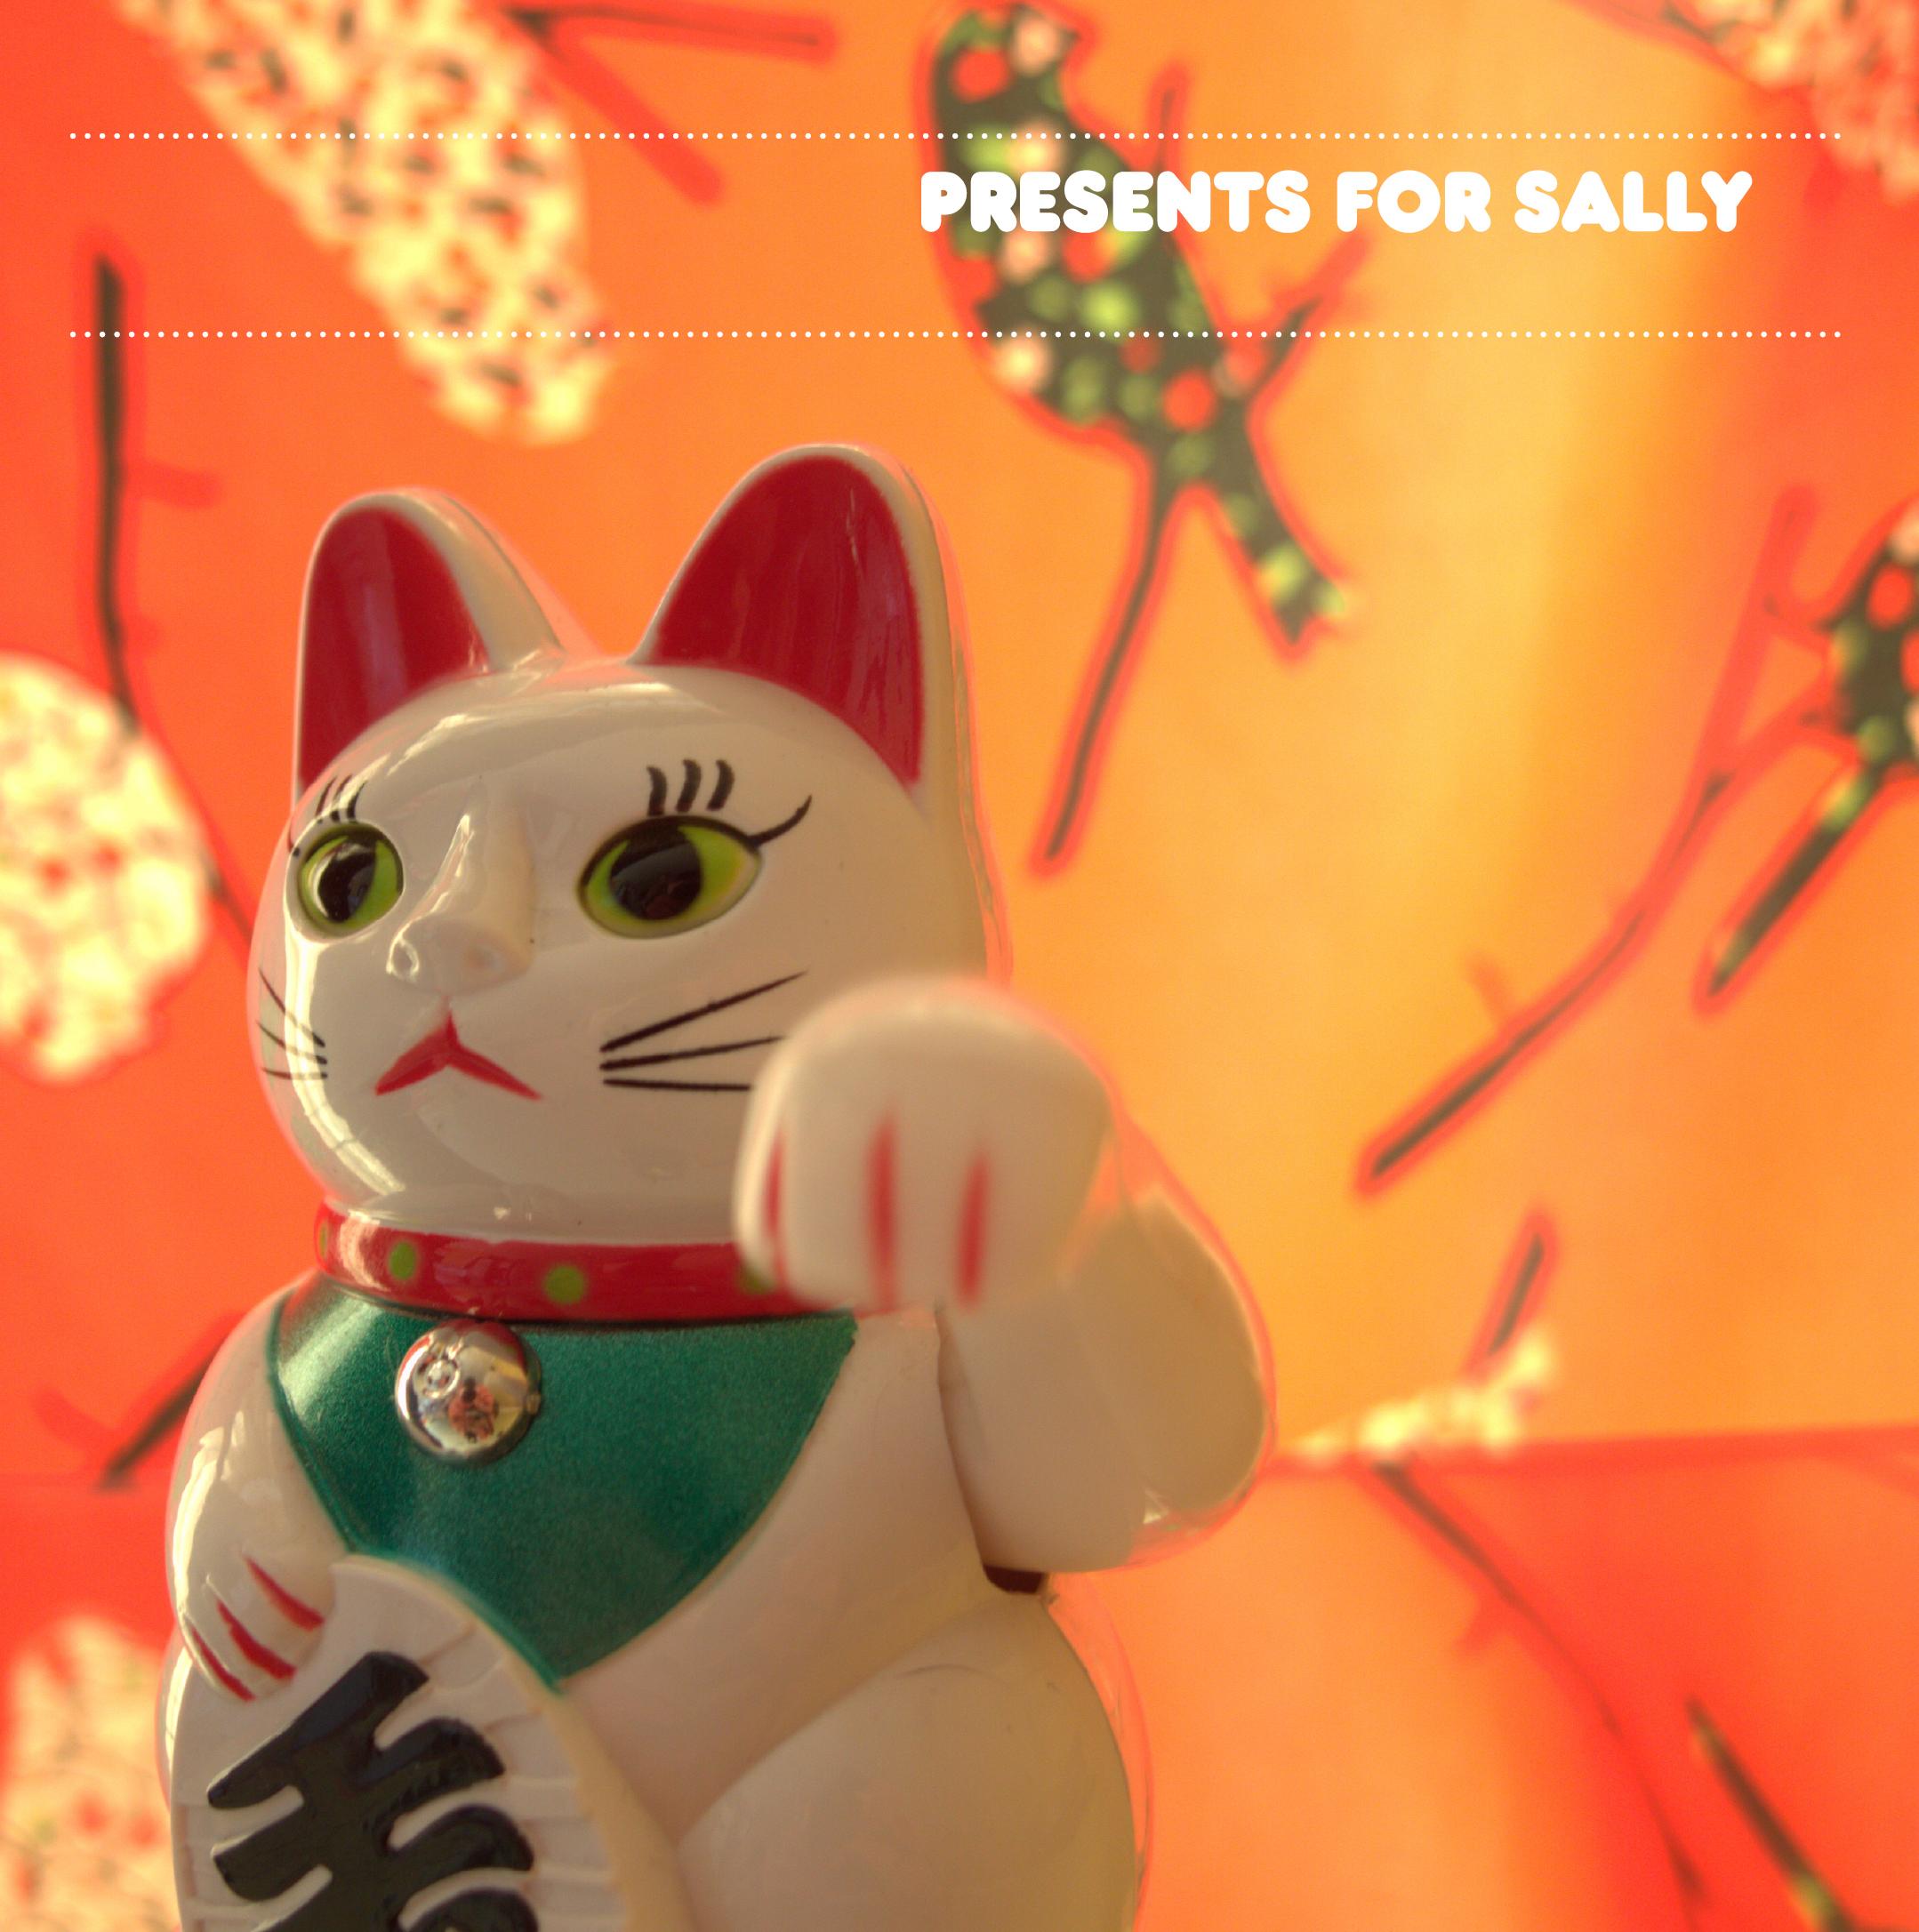 http://i1.sndcdn.com/artworks-000025993855-nlfu60-original.jpg?330b92d